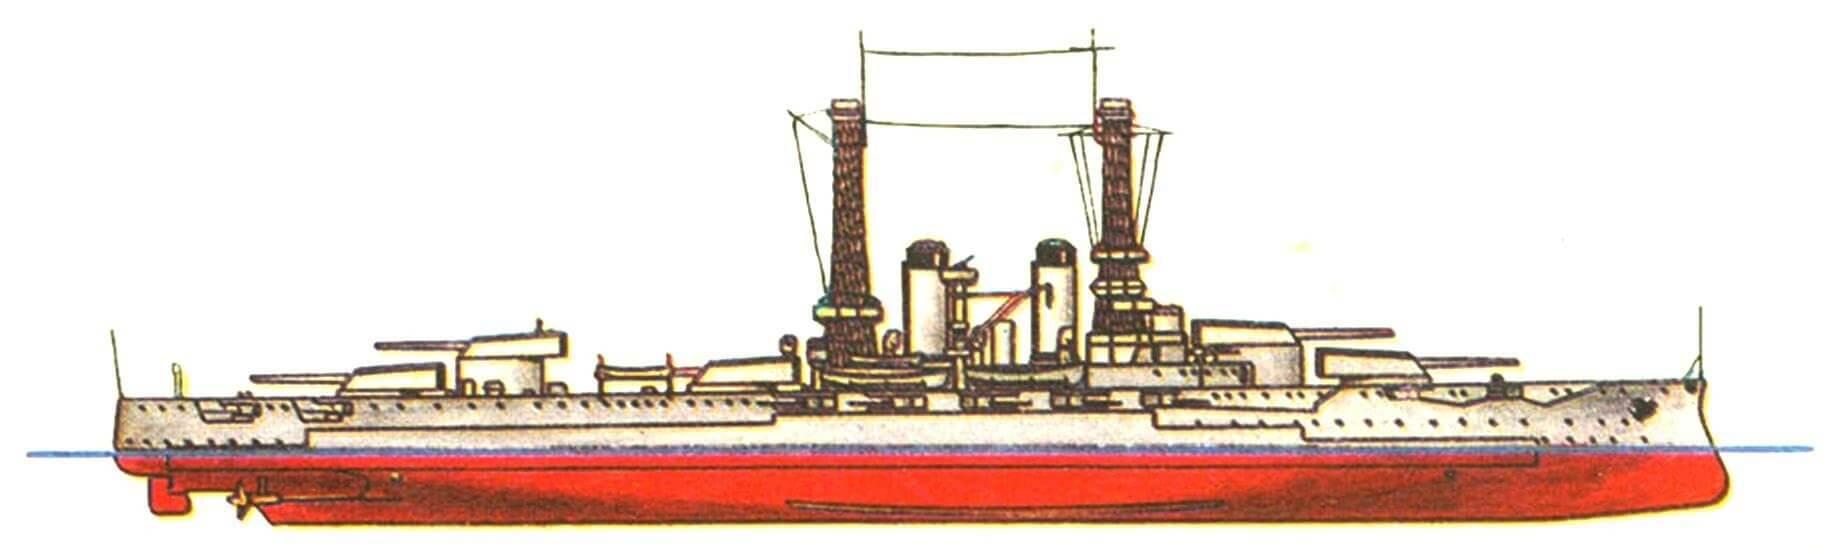 183. Линейный корабль «НЬЮ-ЙОРК», США, 1914 г. Заложен в 1911 г., спущен на воду в 1912 г. Водоизмещение нормальное 27 000 т, полное 28 400 т. Длина наибольшая 174,7 м, ширина 29,1 м, осадка 8,7 м. Мощность машинной установки 28 000 л.с., скорость 21 уз. Броня: главный пояс 305—254 мм, верхний пояс 280—229 мм, каземат 165 мм, башни 356—203 мм, барбеты 305—254 мм, палуба 51 мм, рубка 305 мм. Вооружение: десять 356-мм орудий, двадцать одно 1 27-мм орудие, четыре 533-мм торпедных аппарата. Всего построено 2 корабля: «Нью-Йорк» и «Техас» (1914 г.).